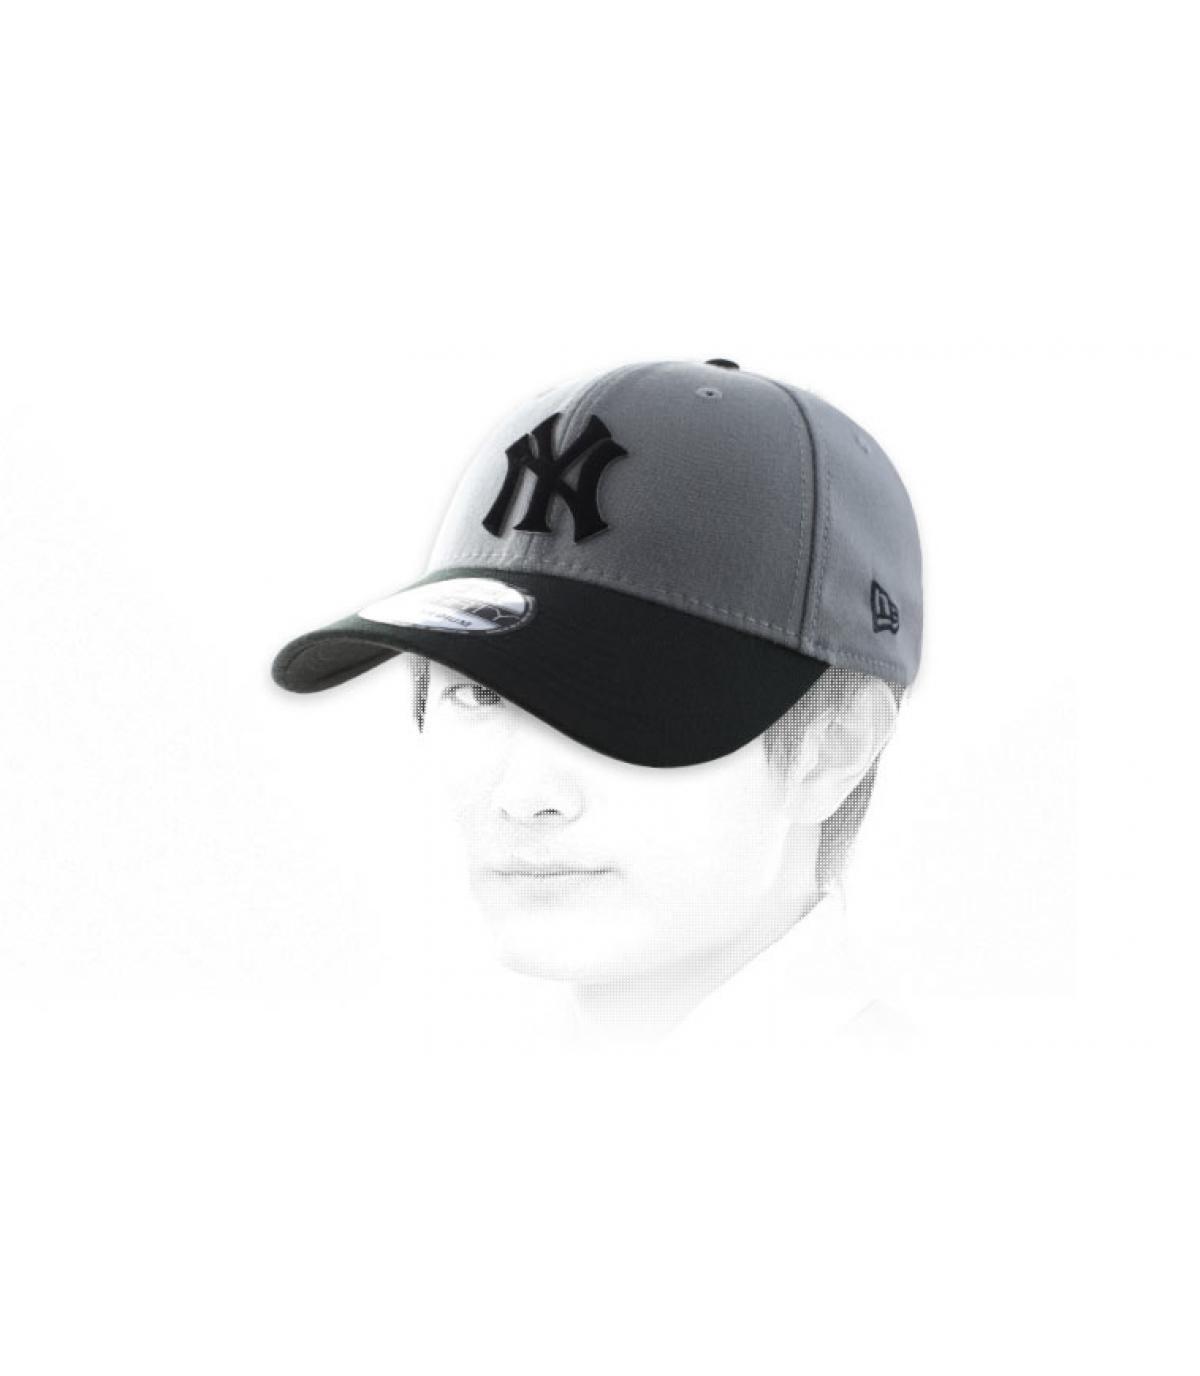 NY negro gorra gris